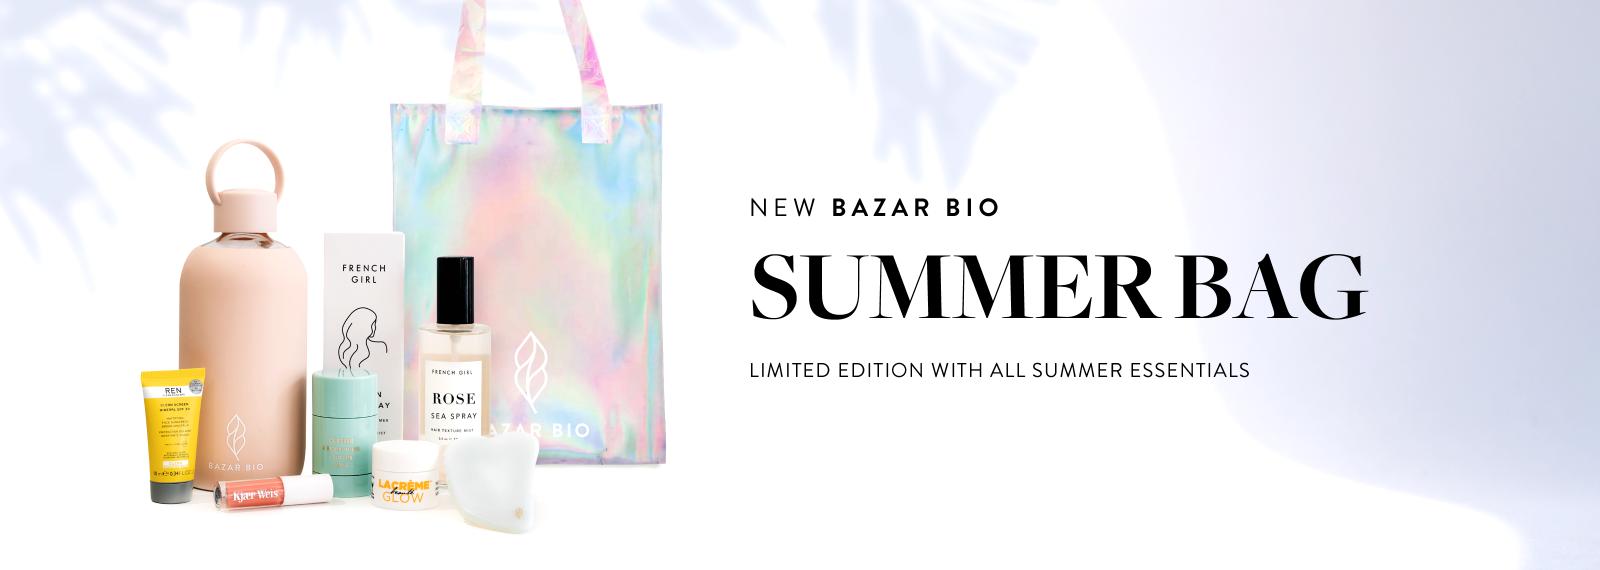 BAZAR BIO SUMMER BAG - 2021 LIMITED EDITION